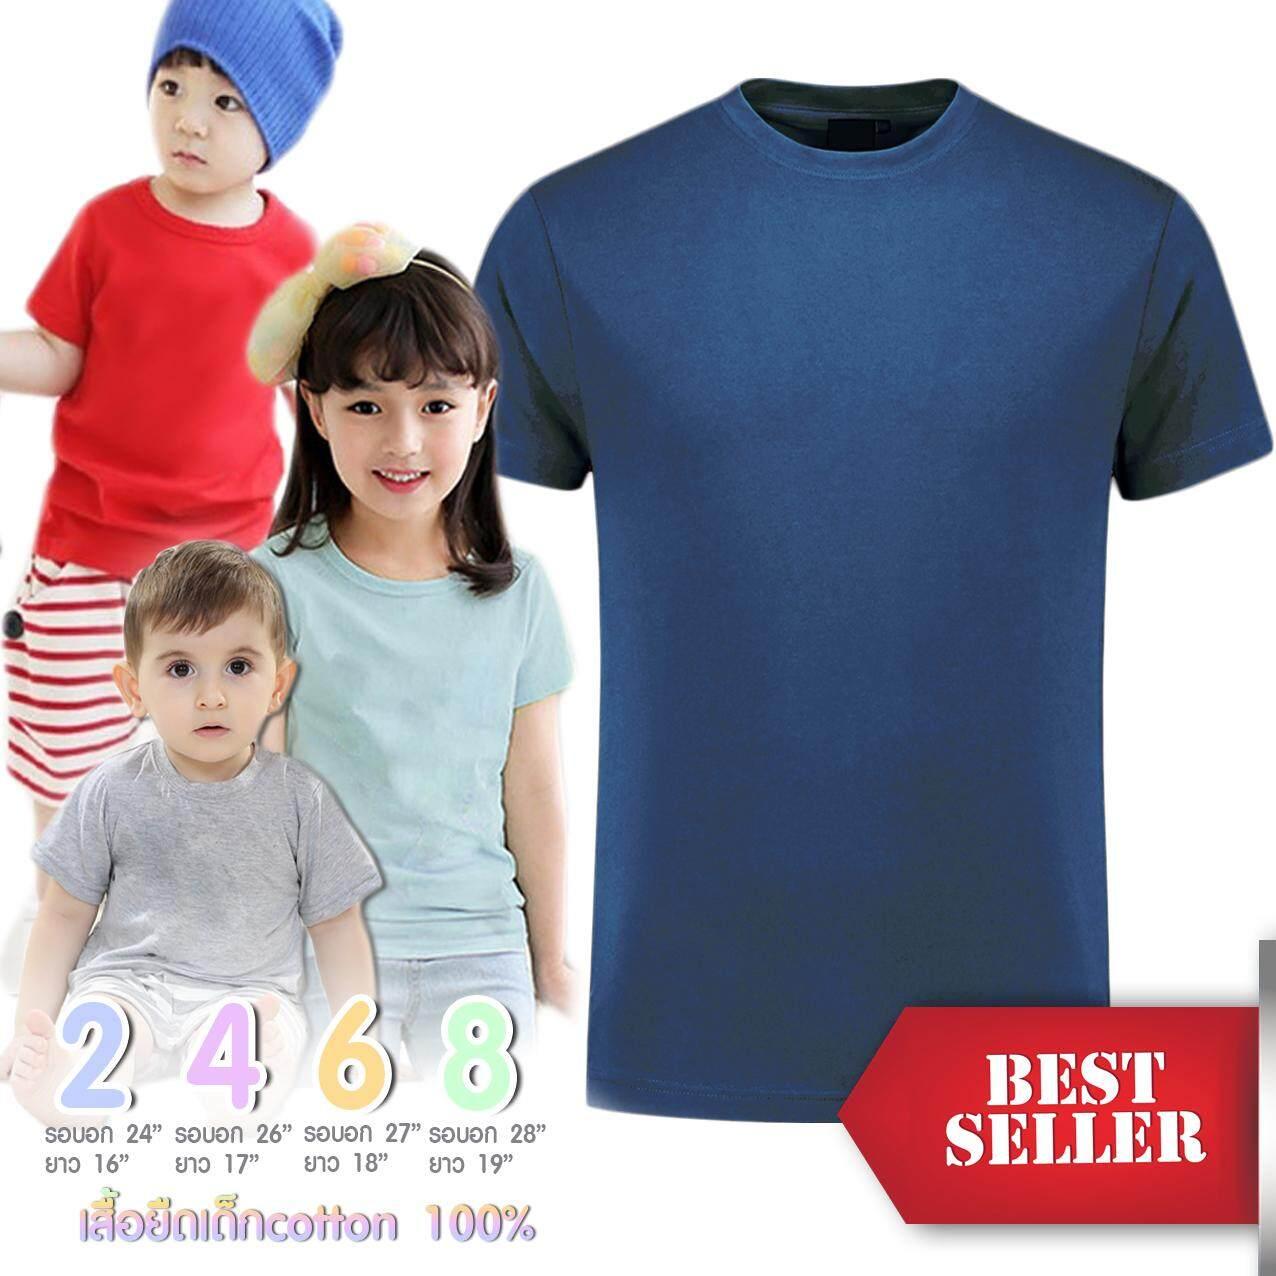 โปรถูก 59บ.จำนวนจำกัด เสื้อยืดเด็ก เสื้อยืดคอกลมสีพื้น 2-4-6-8 ขวบ เสื้อยืดผ้าฝ้าย คอตตอน 100% เสื้อใส่สบาย By World Of T-Shirts.